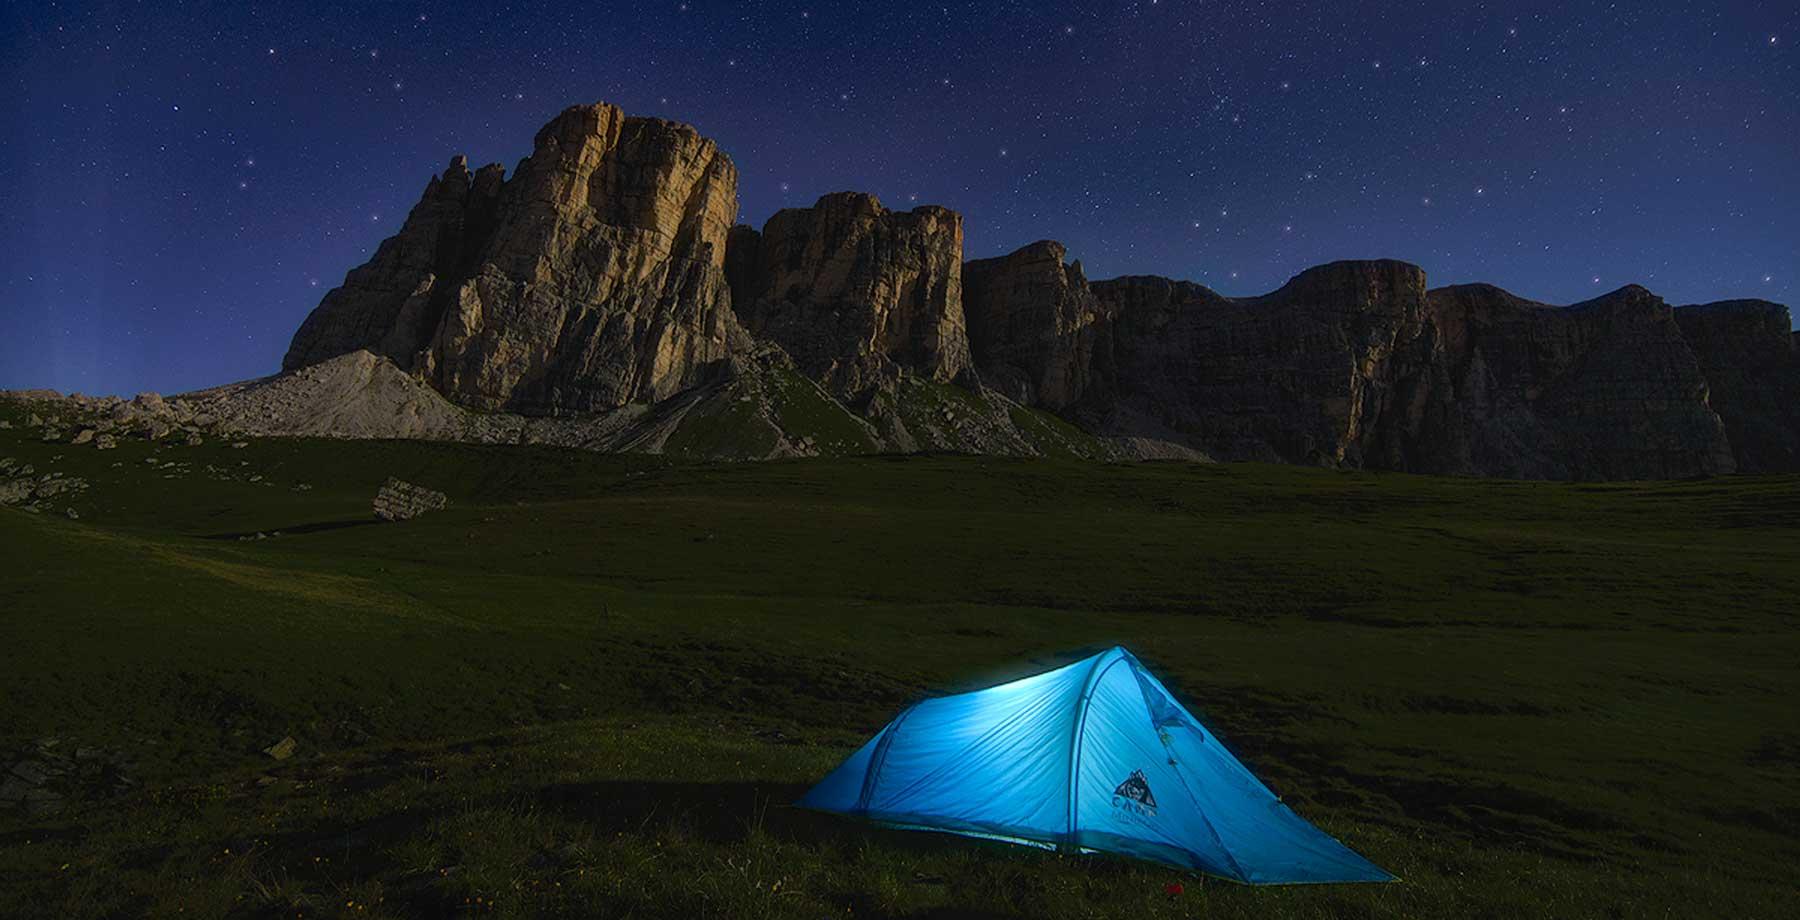 Camping in der Nacht